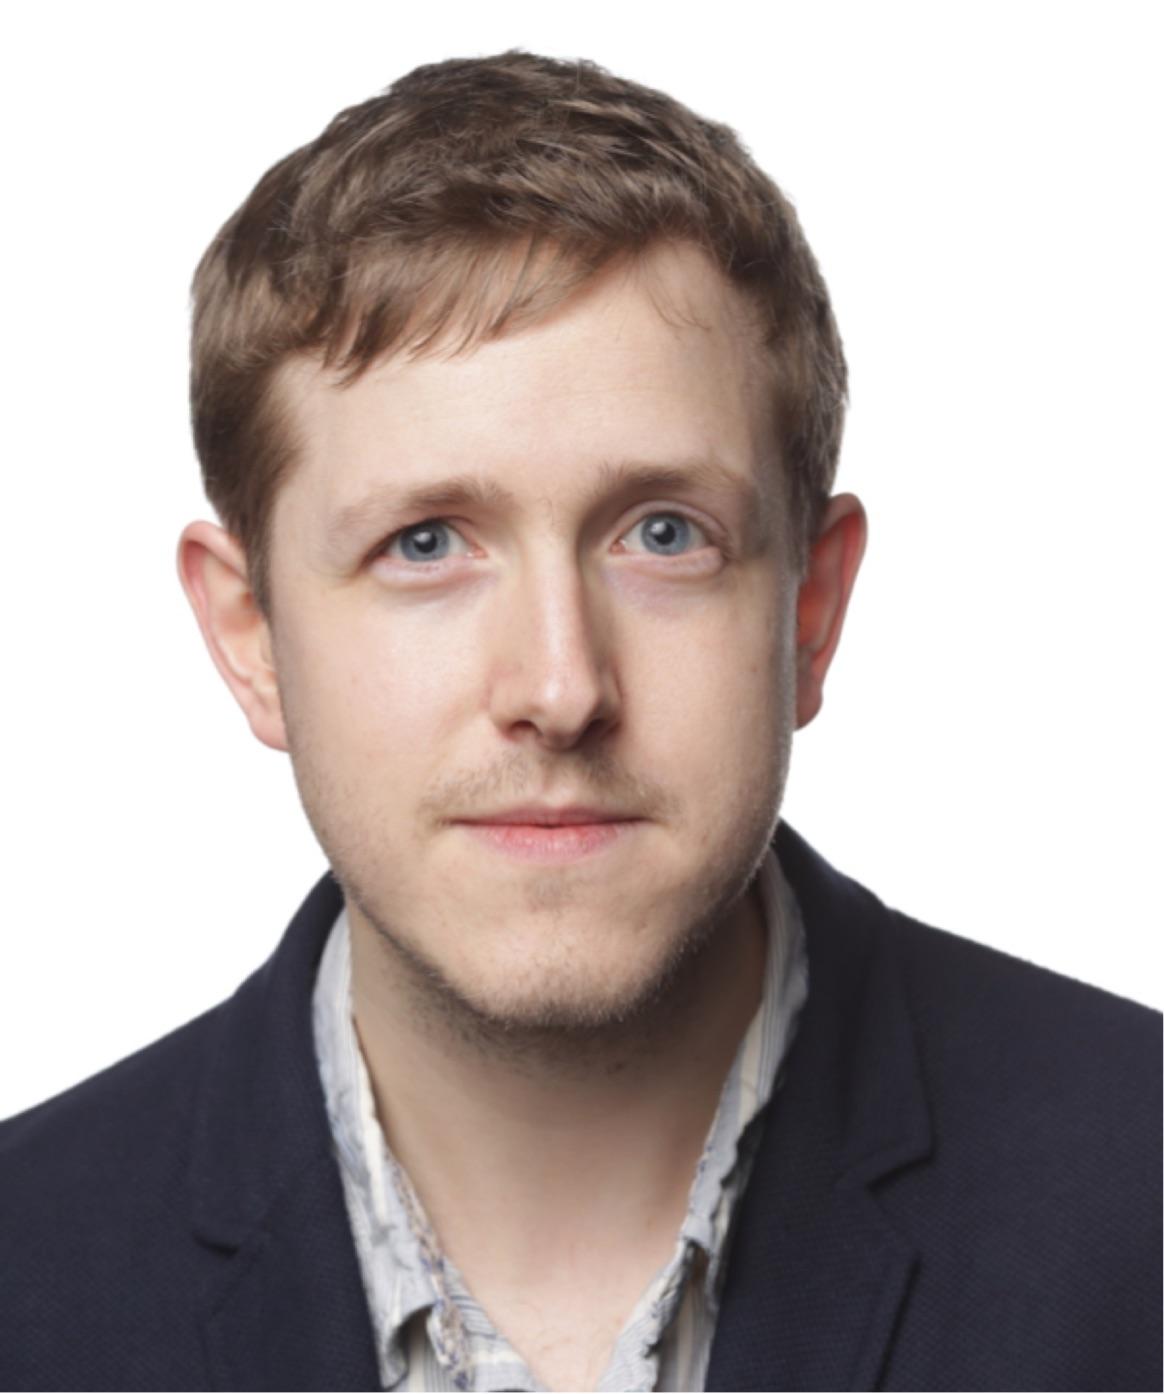 James Guggenheim